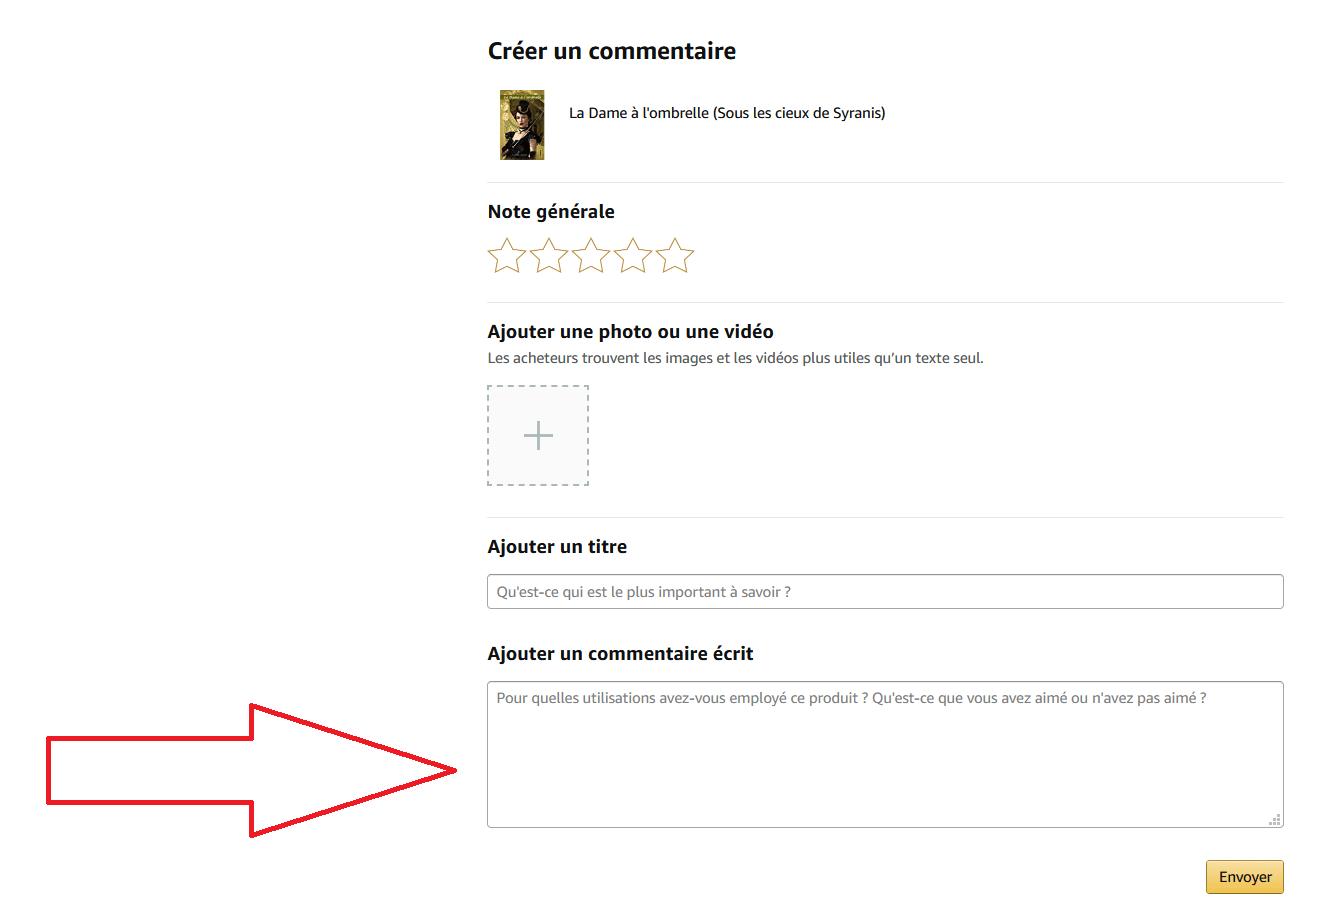 Rédiger un commentaire Amazon, pour aider le livre à devenir un best-seller !